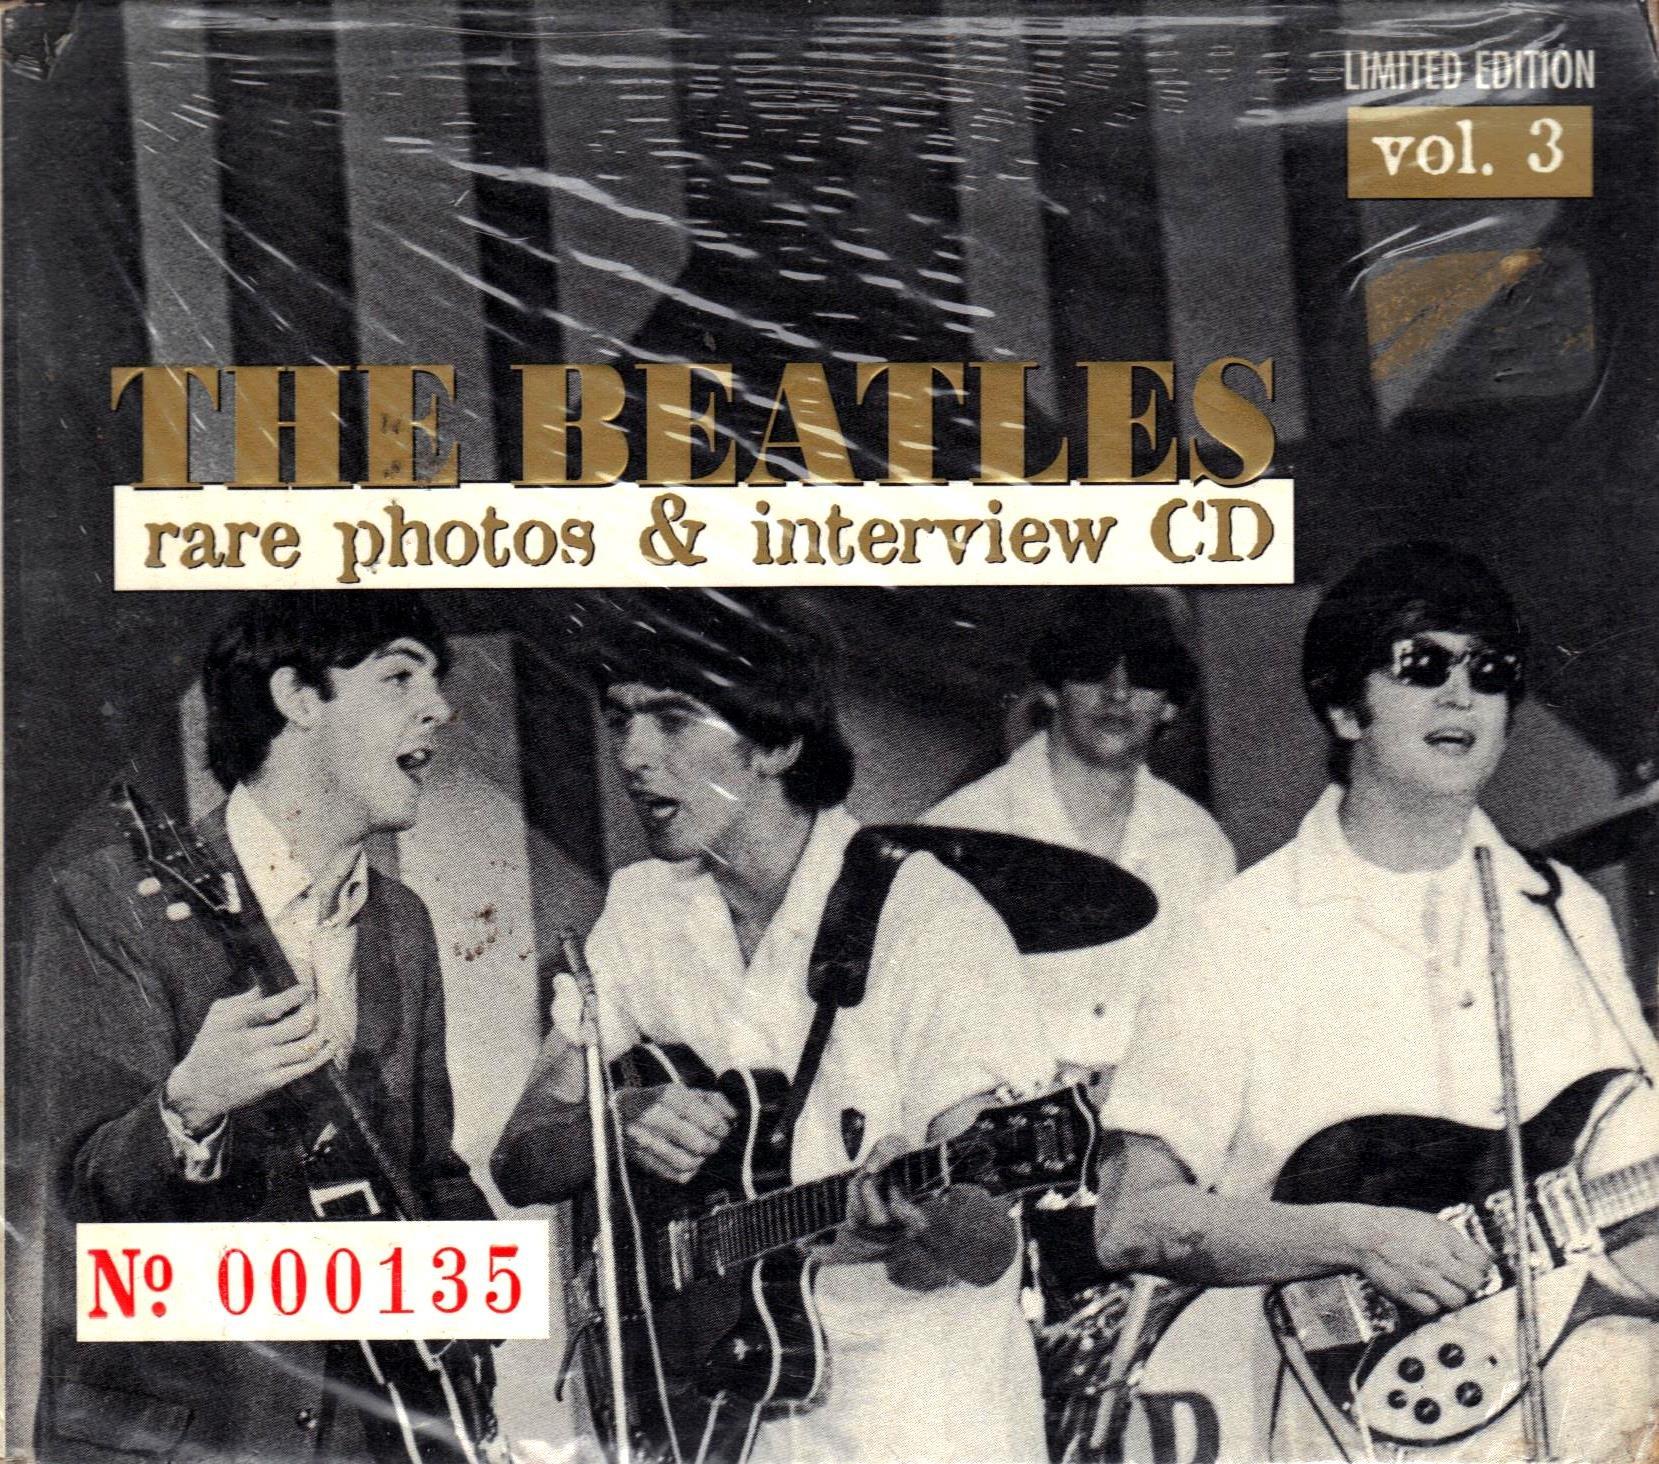 Rare Photos & Interview CD Vol. 3